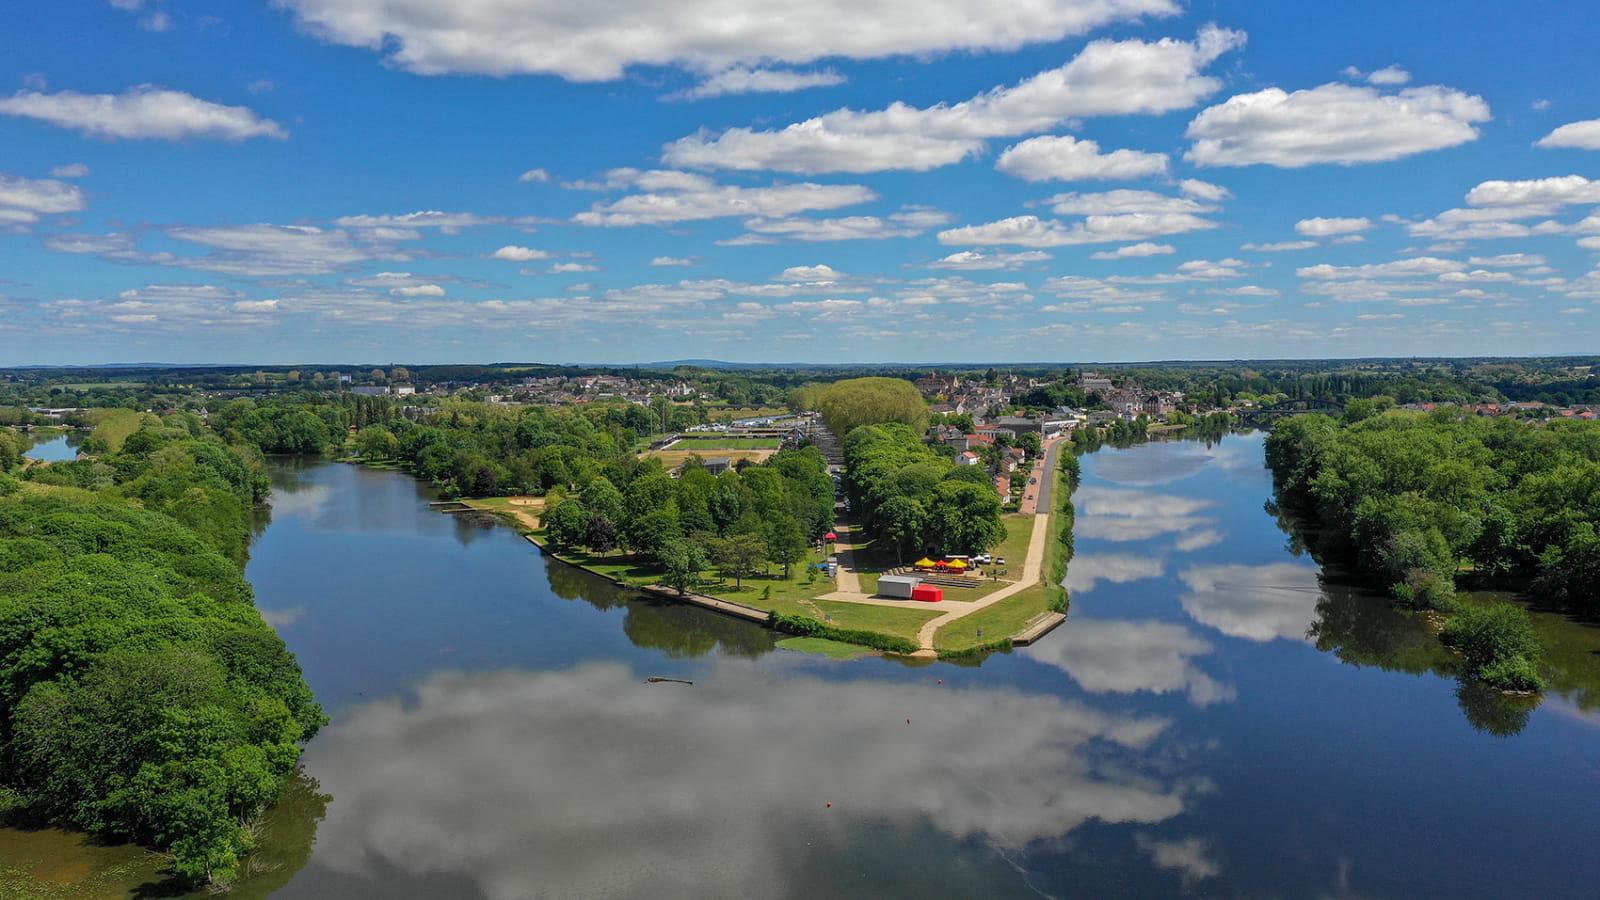 Vue aérienne de la ville de Decize, à la confluence des eaux